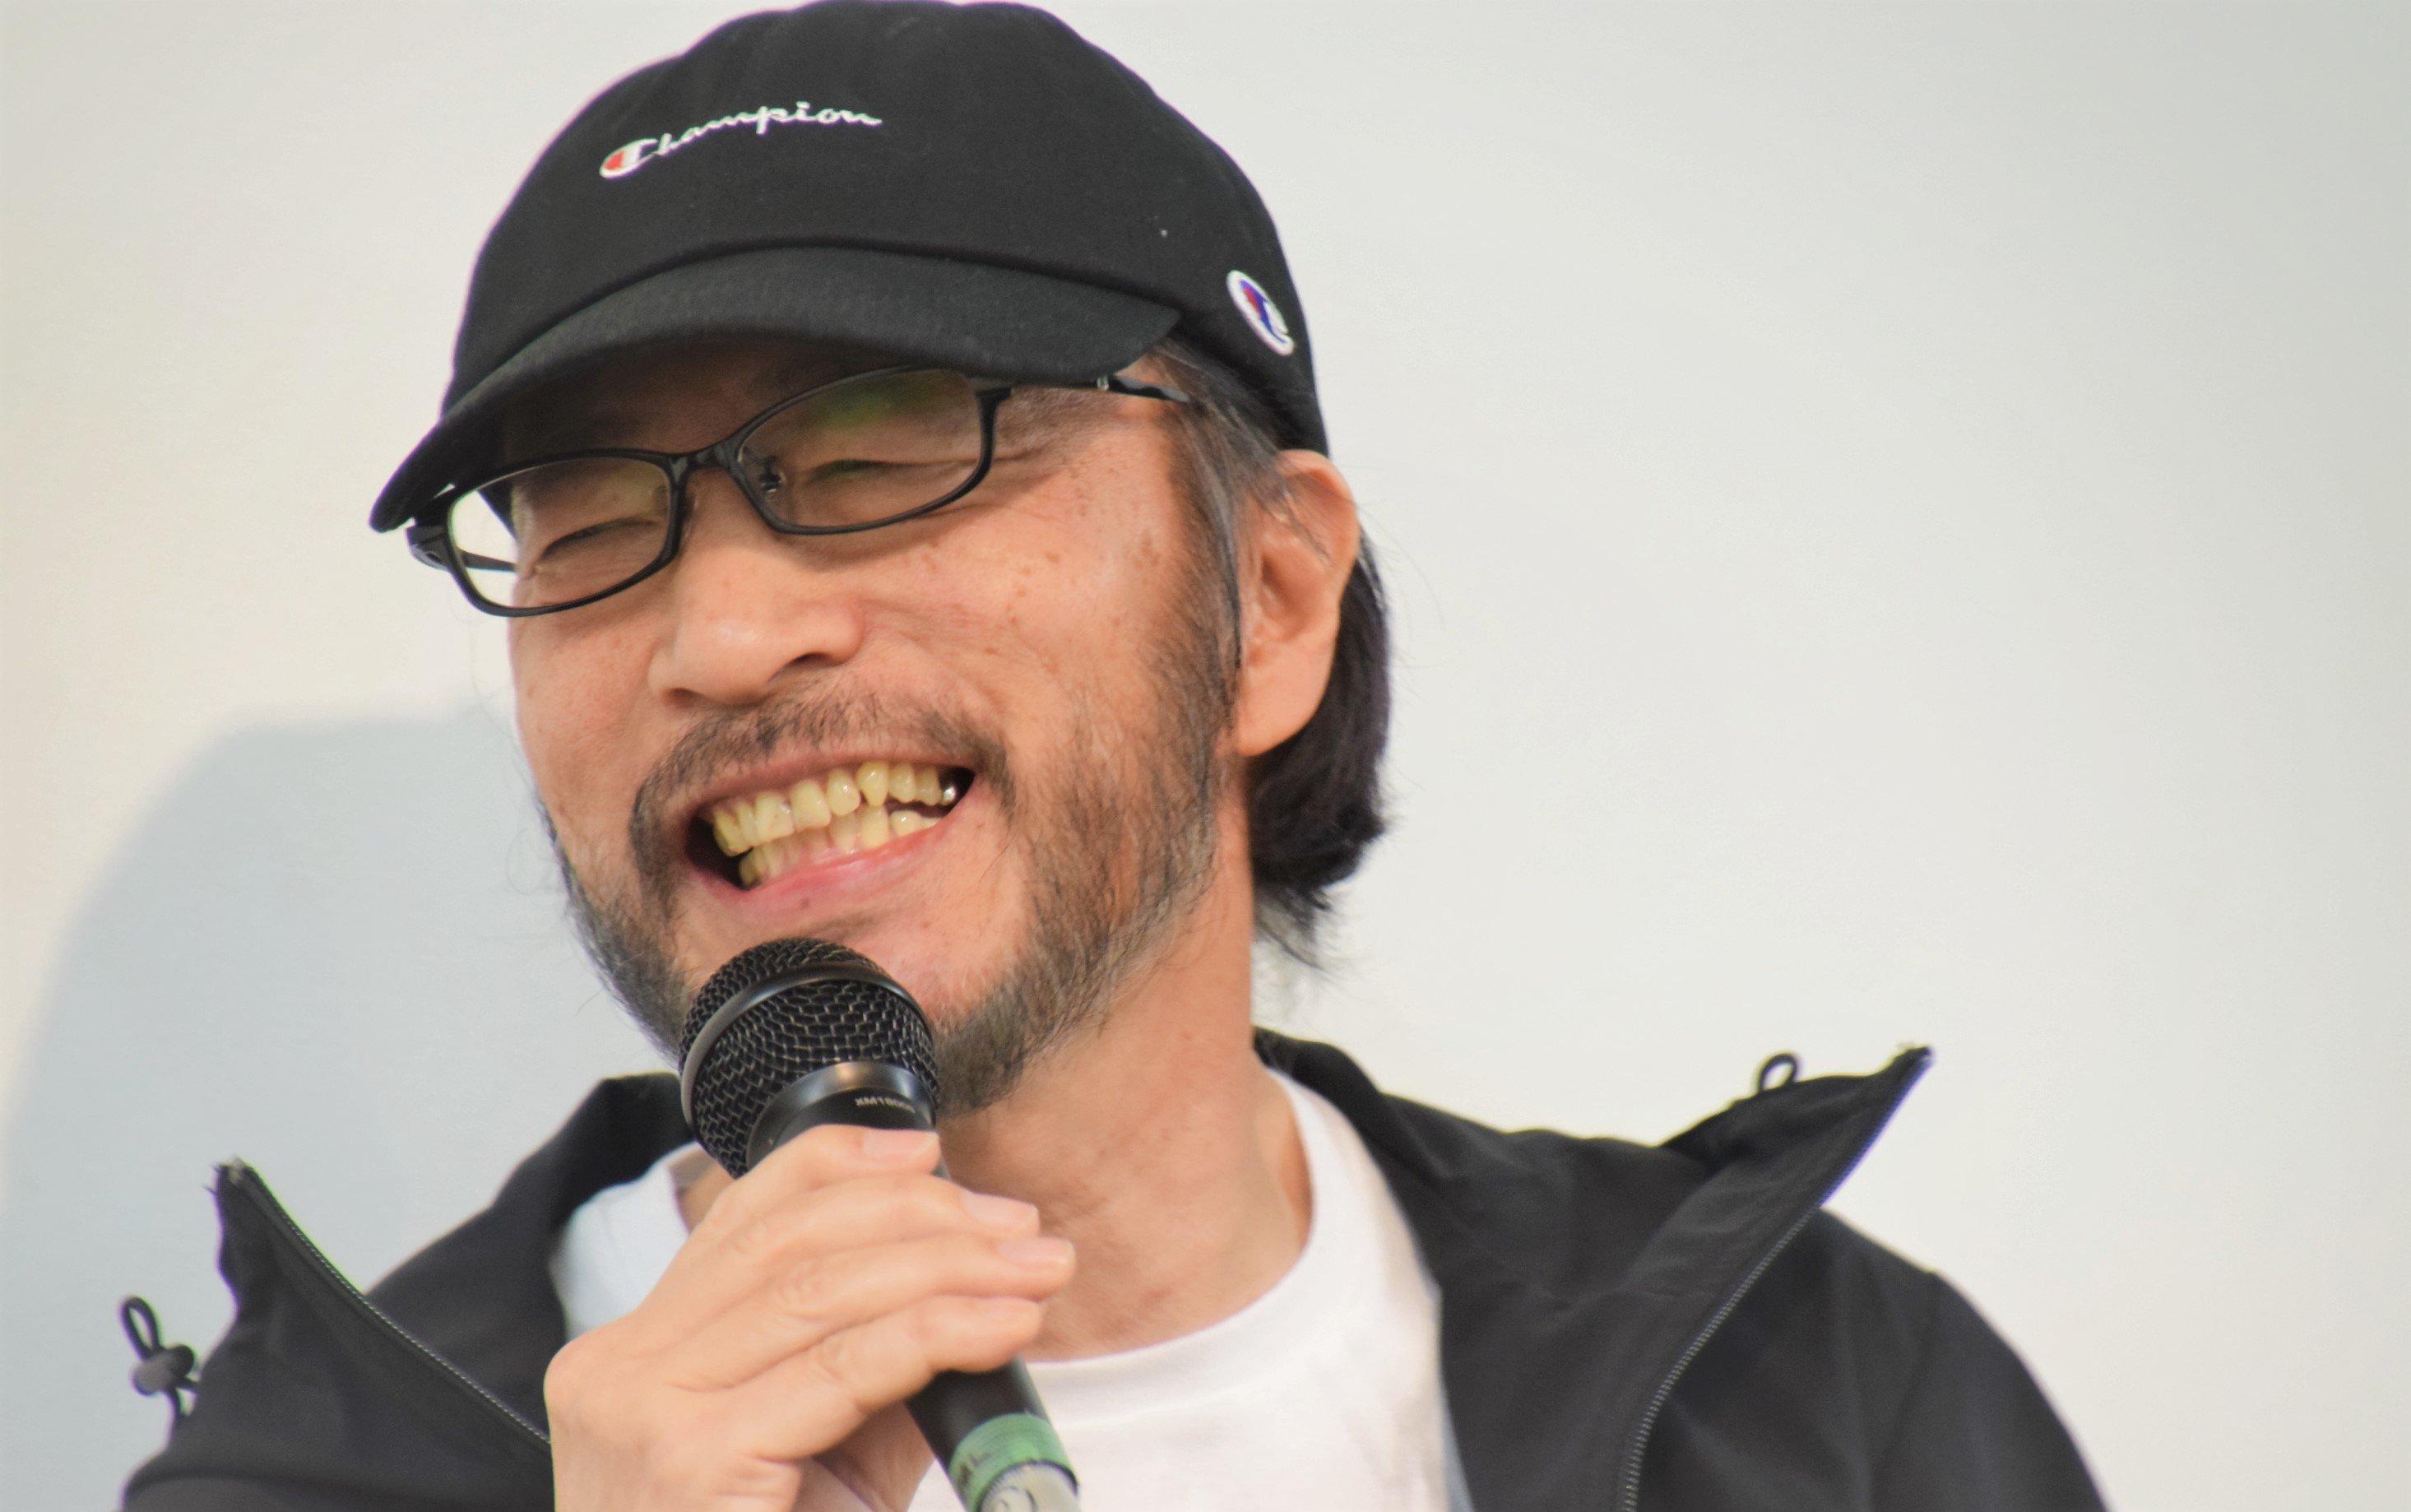 ネームについて「ノリが重要」と語る秋本治さん